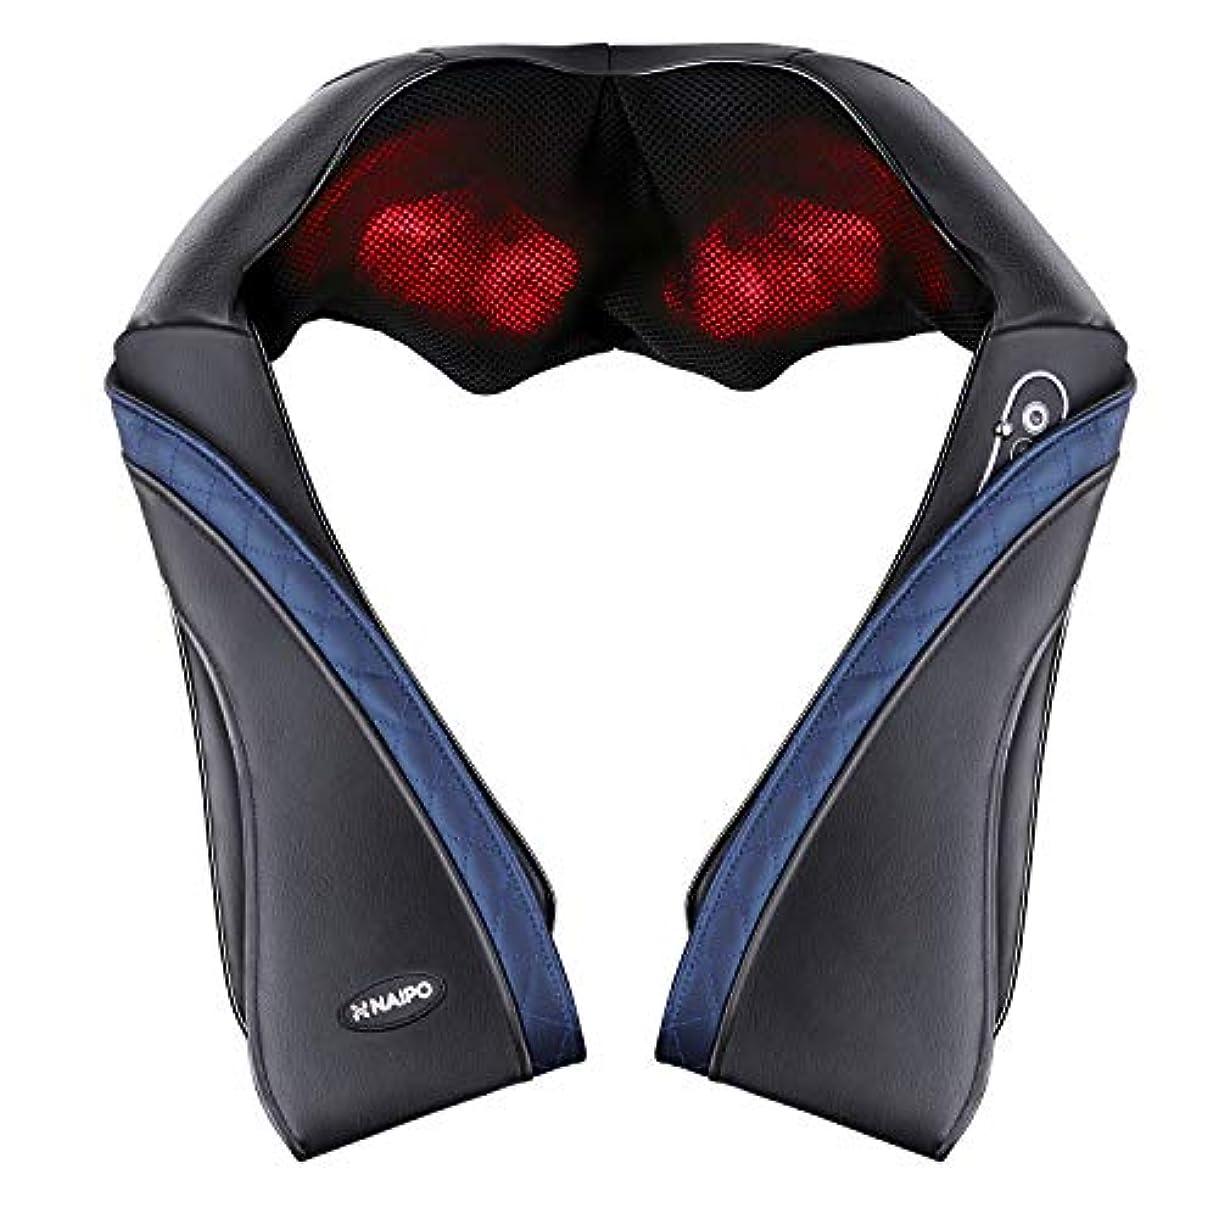 ハッチ悪性の争うNaipo 首マッサージャー ネック・ショルダーマッサージ 器 ヒーター付き 首・肩・腰・背中・太もも 肩こり ストレス解消 家庭用&職場用&車用 温熱療法